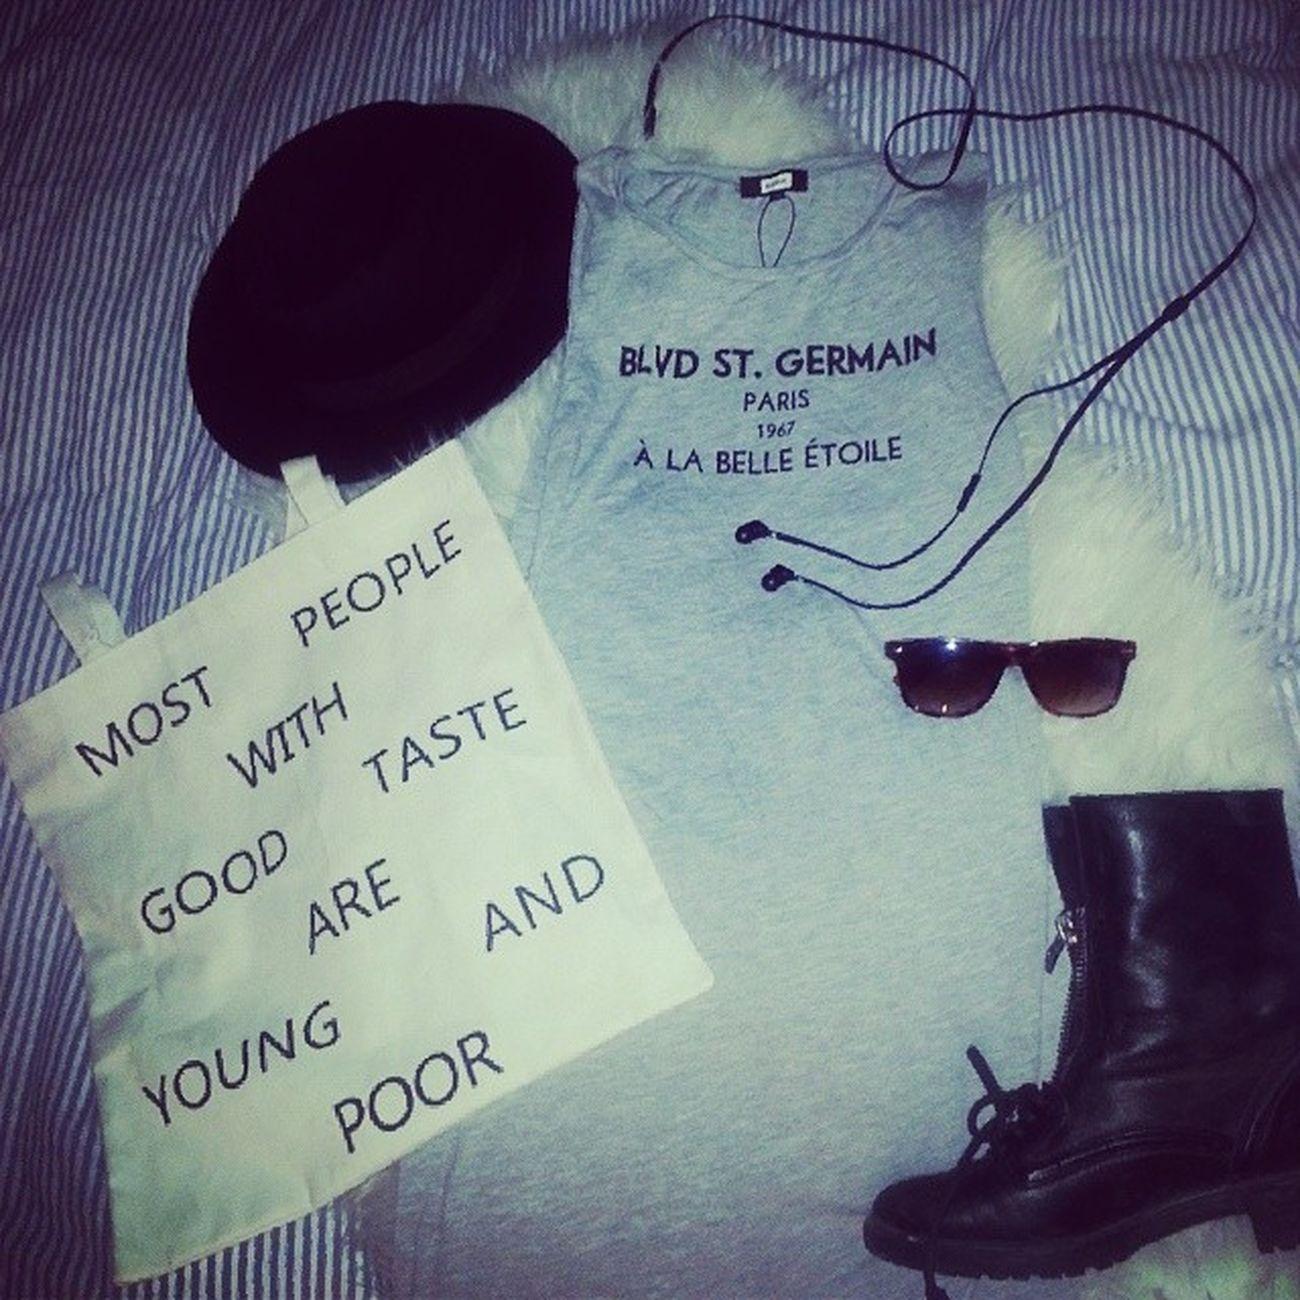 Peppar denna snöfredag med att drömma om att gå ner för Malmös gator iklädd i klänning, hatt, boots, solbrillor och en tygkasse med bästa texten. Kanye West är det självklara valet i hörlurarna. Bikbok Kanyewest Latespring